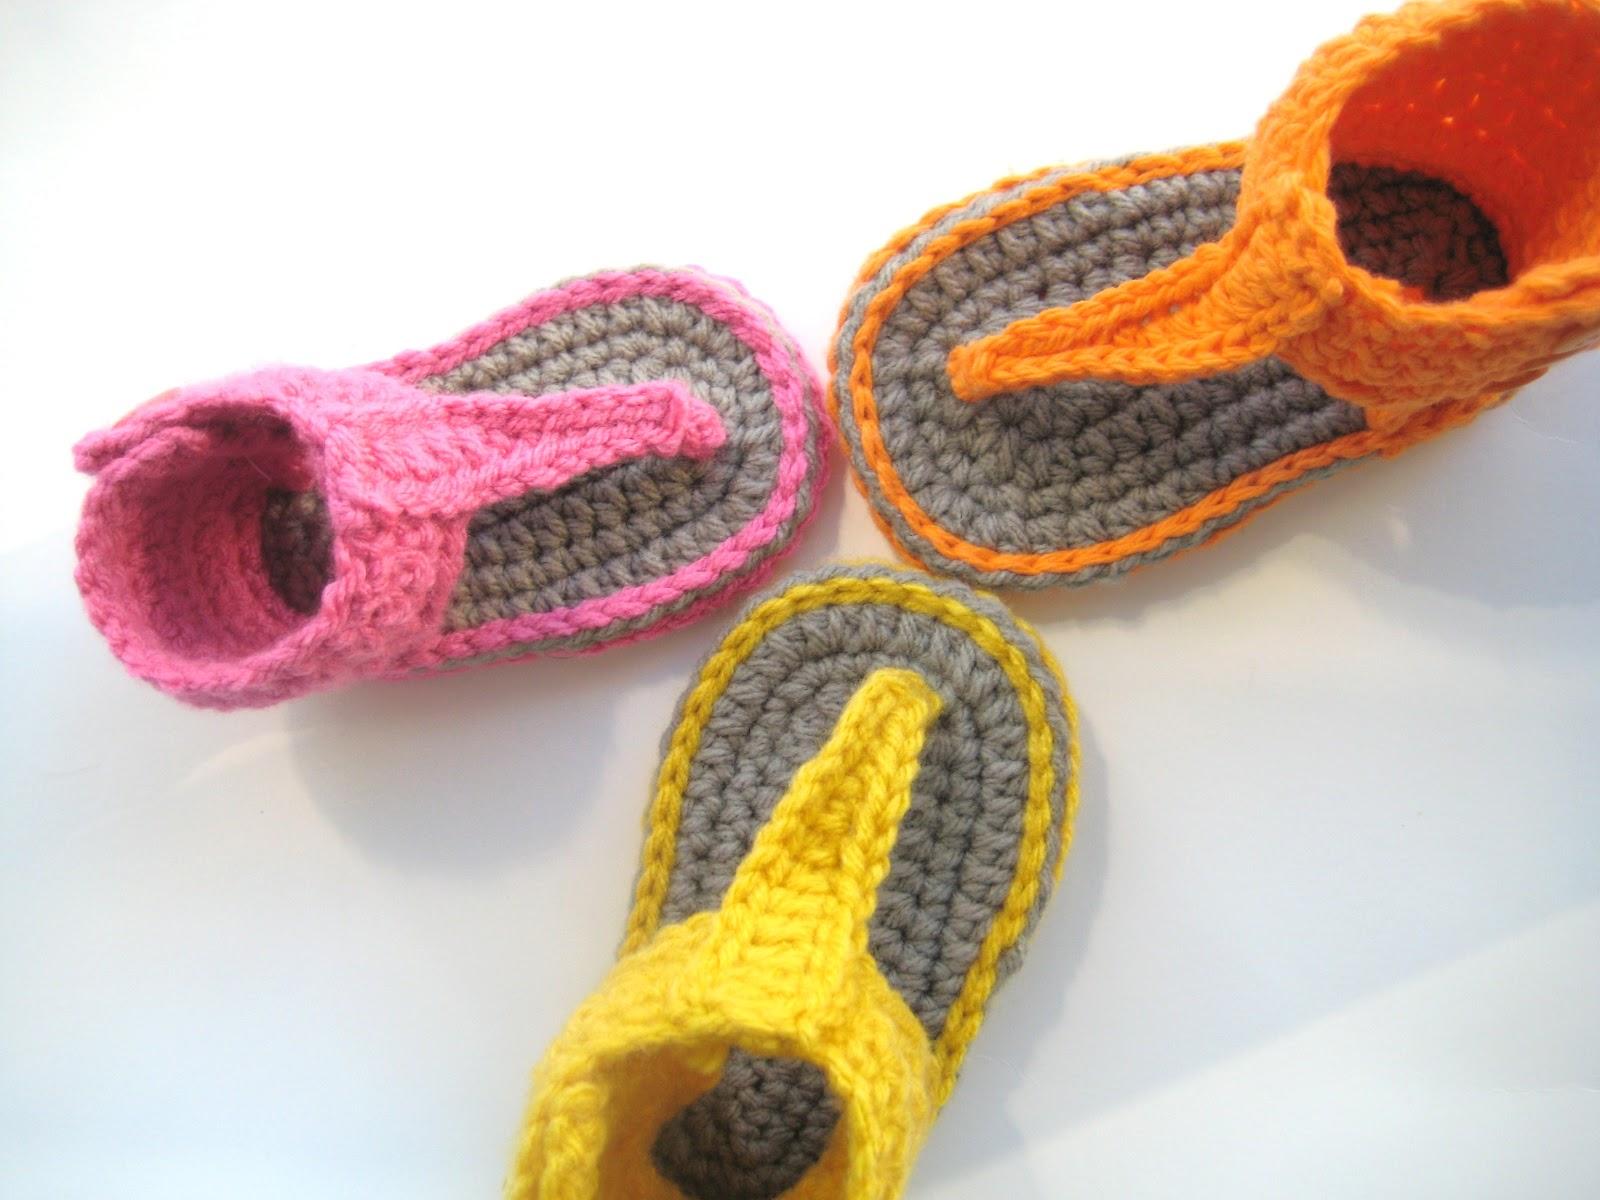 Crochet dreamz gladiator sandals crochet pattern for baby